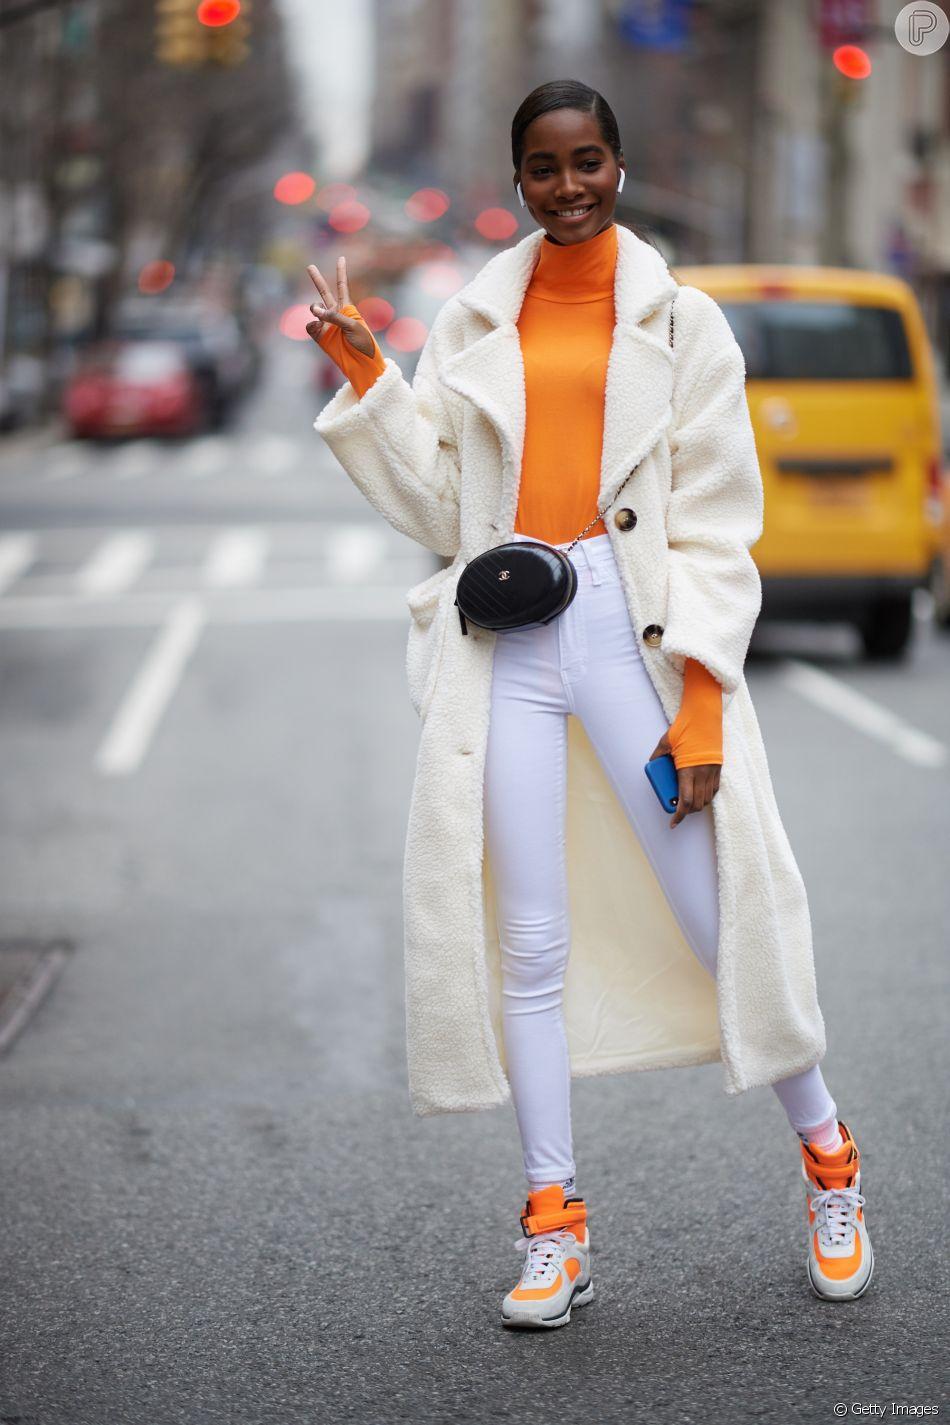 Calça branca skinny: combine com cores vibrantes!